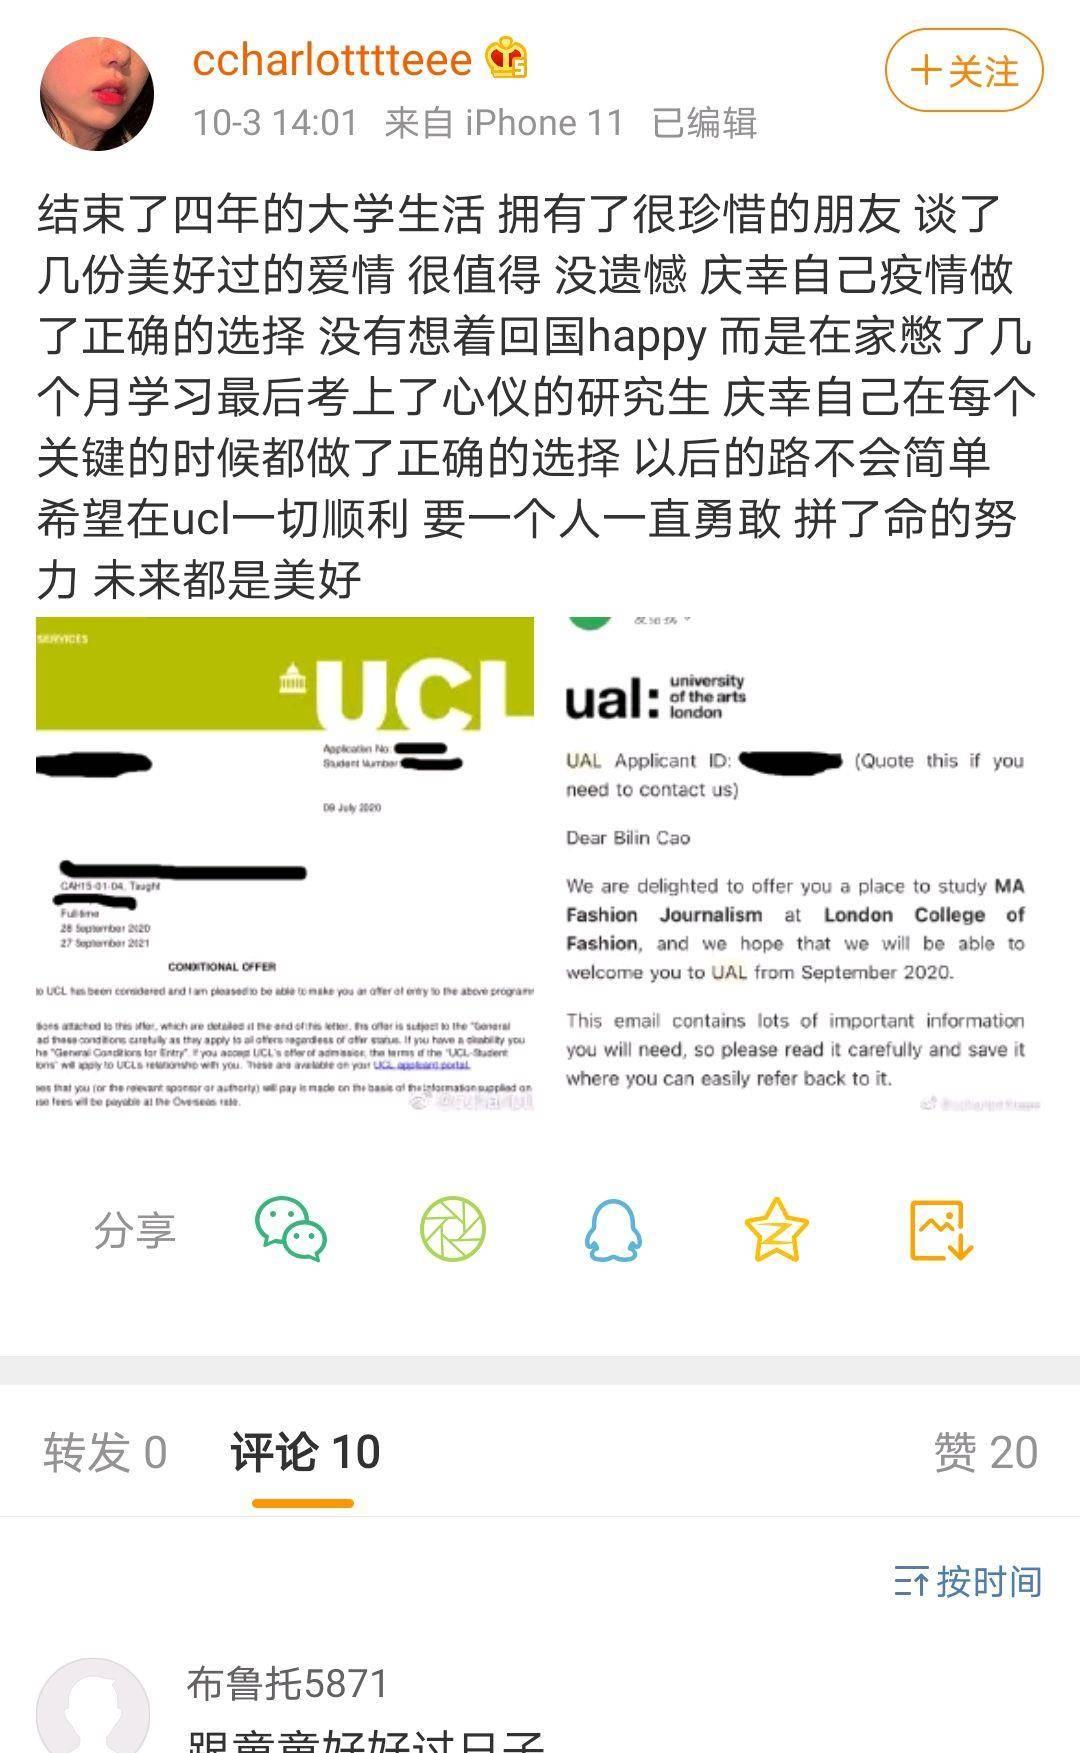 火狐体育官网:女朋友从英国和赵心童留学毕业正式宣布分手!严秉涛事业恋爱双丰收!